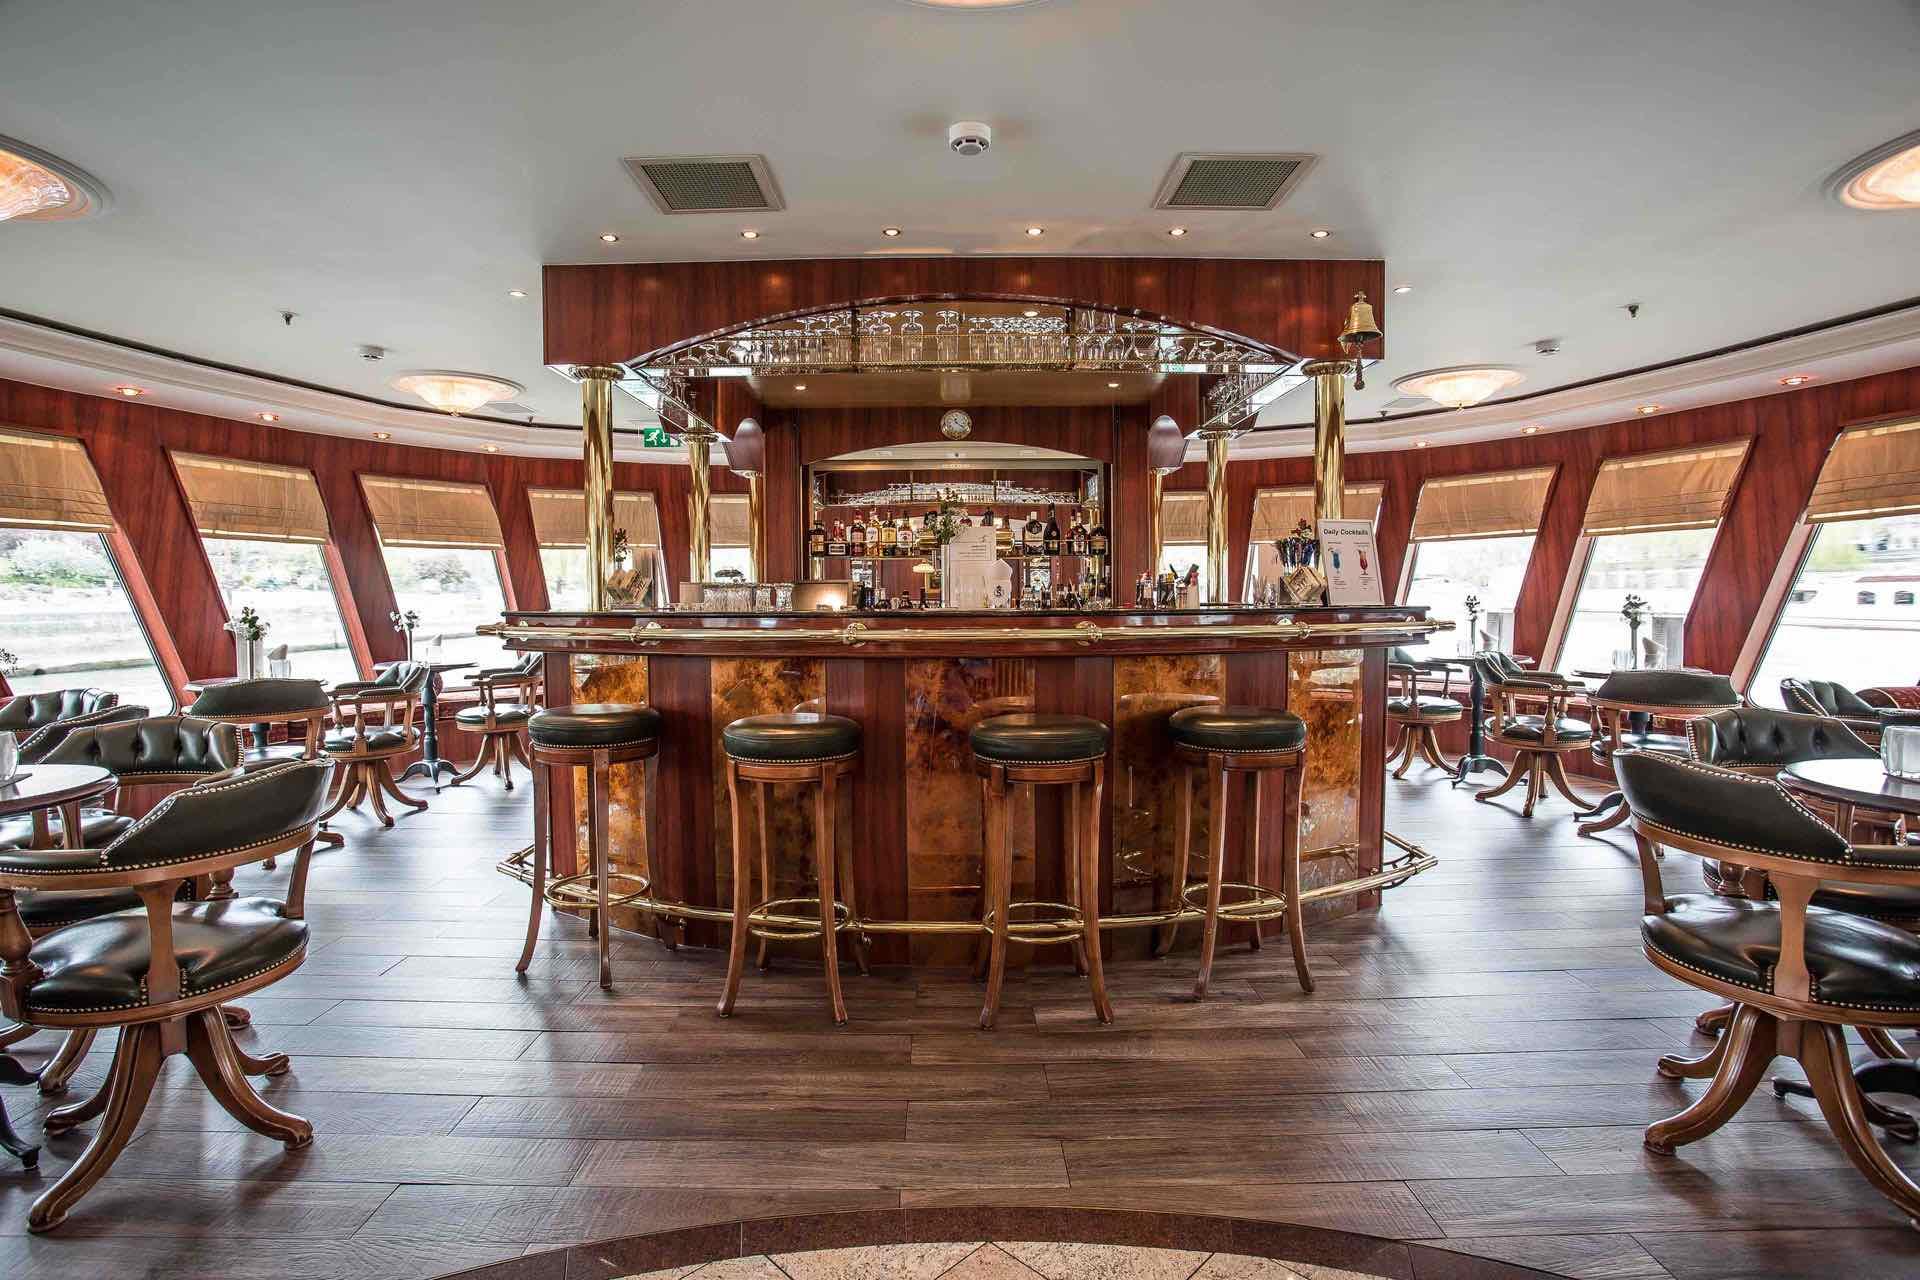 MS Swiss Ruby Panorama Lounge